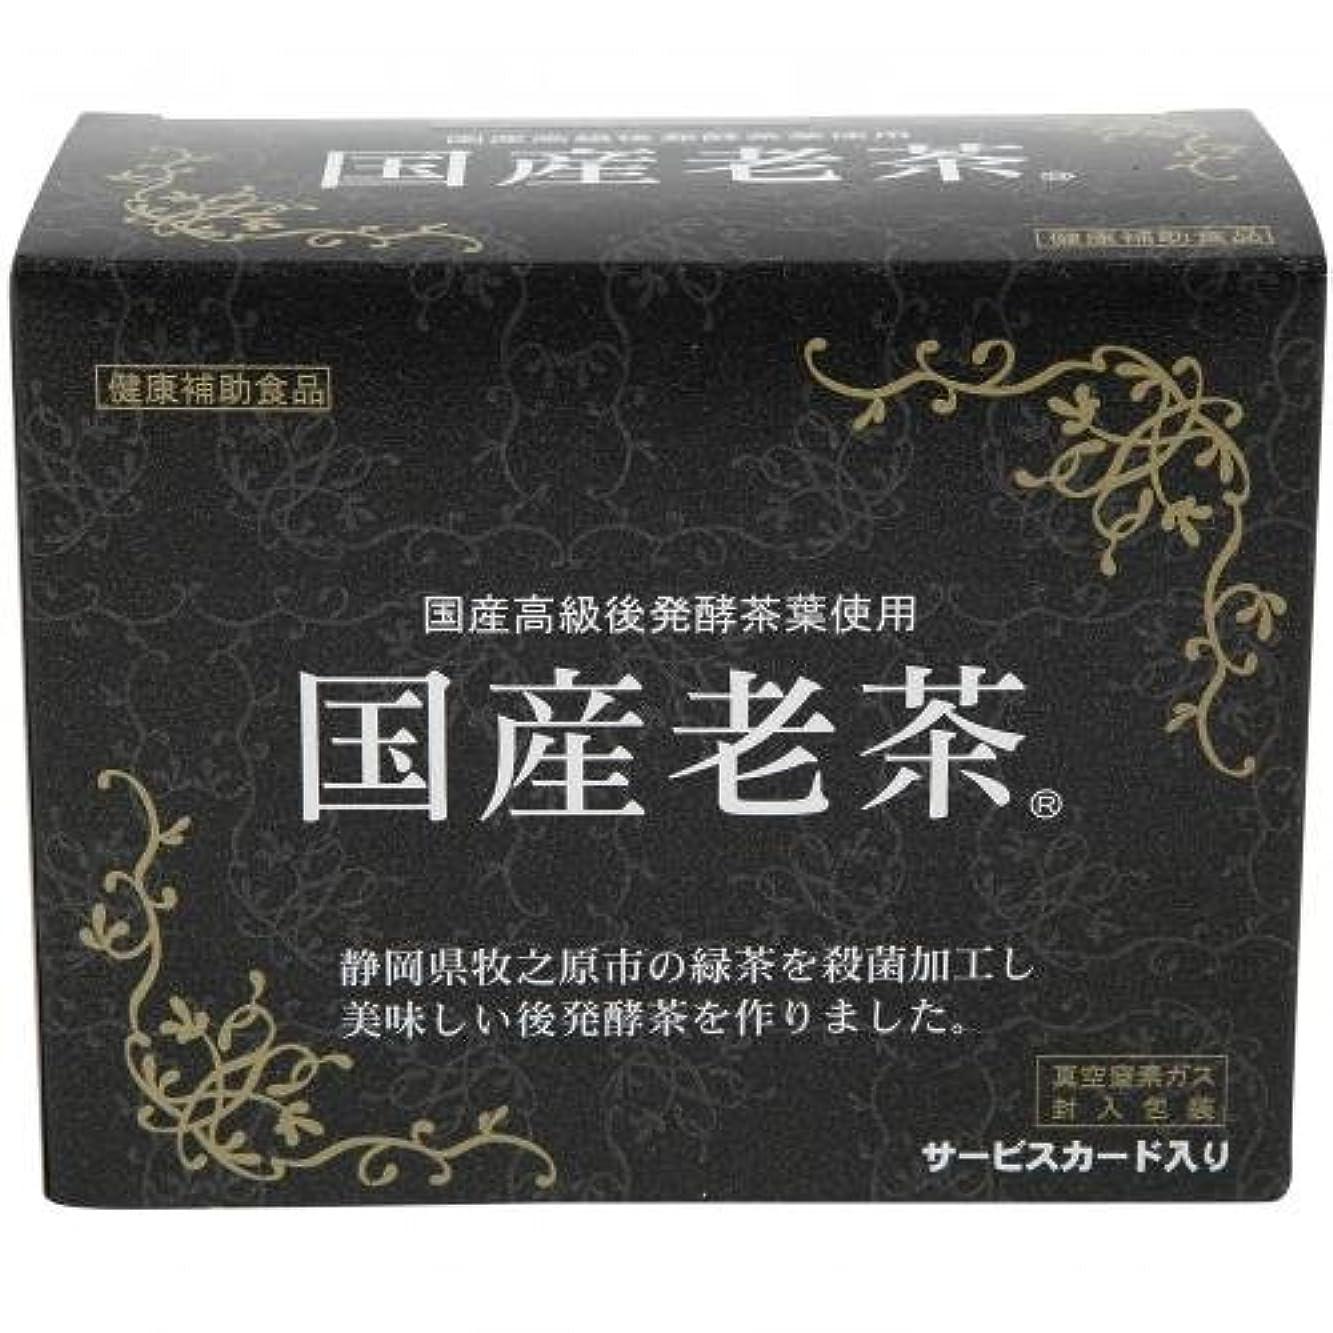 始まり開業医チキン共栄 国産老茶 24包